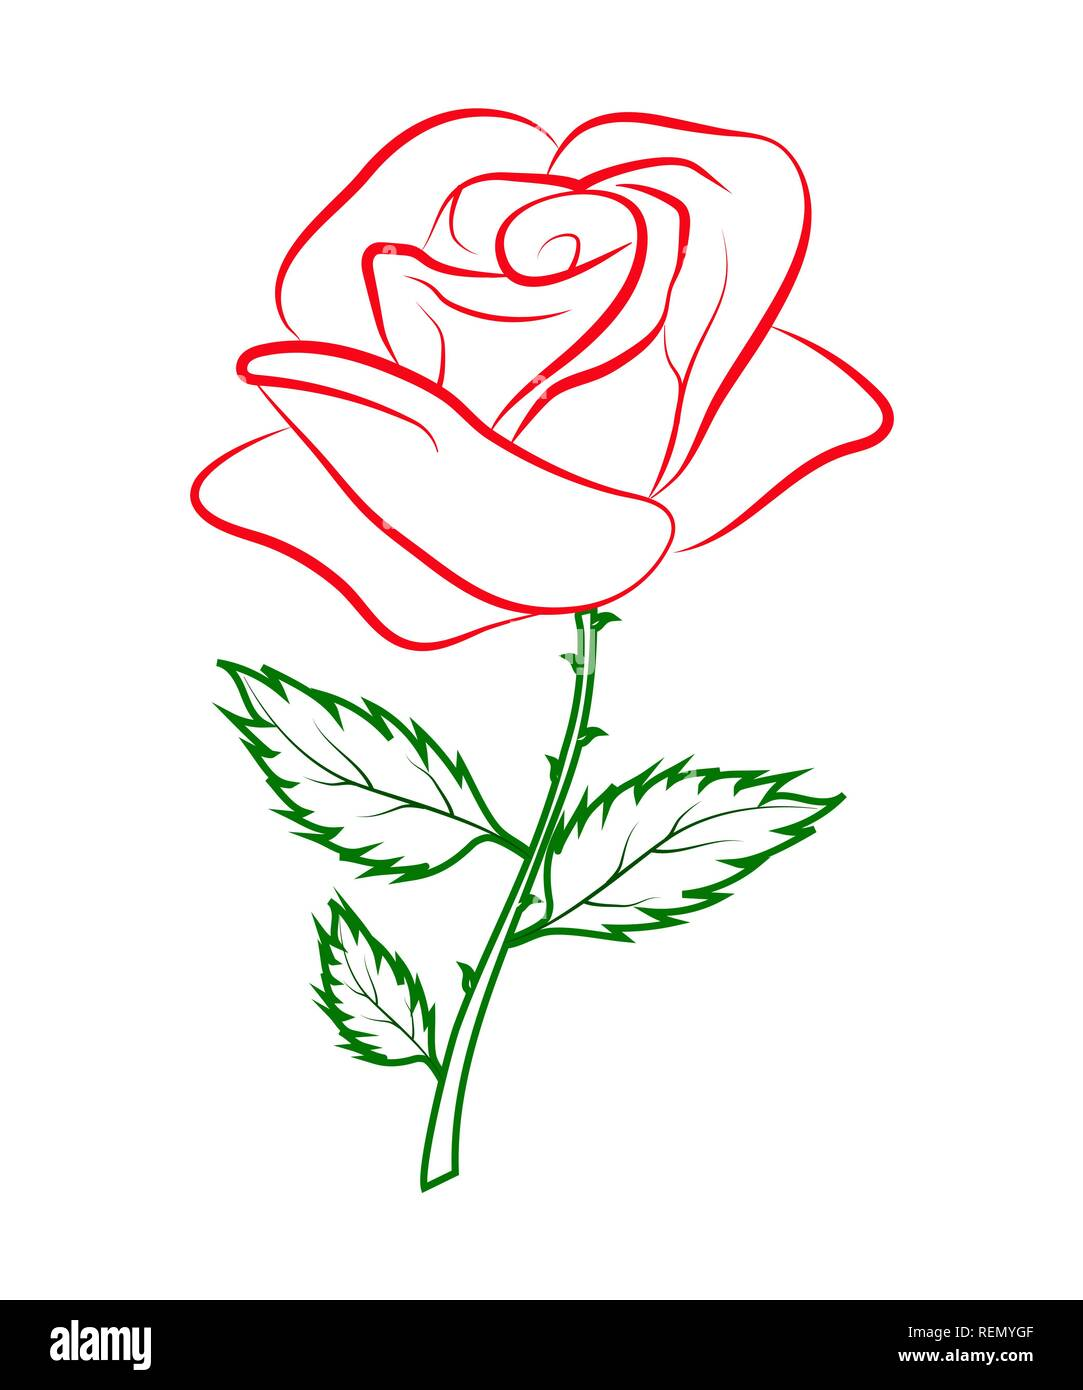 Contour Simple Dessin Couleur D Une Rose Rouge Sur Un